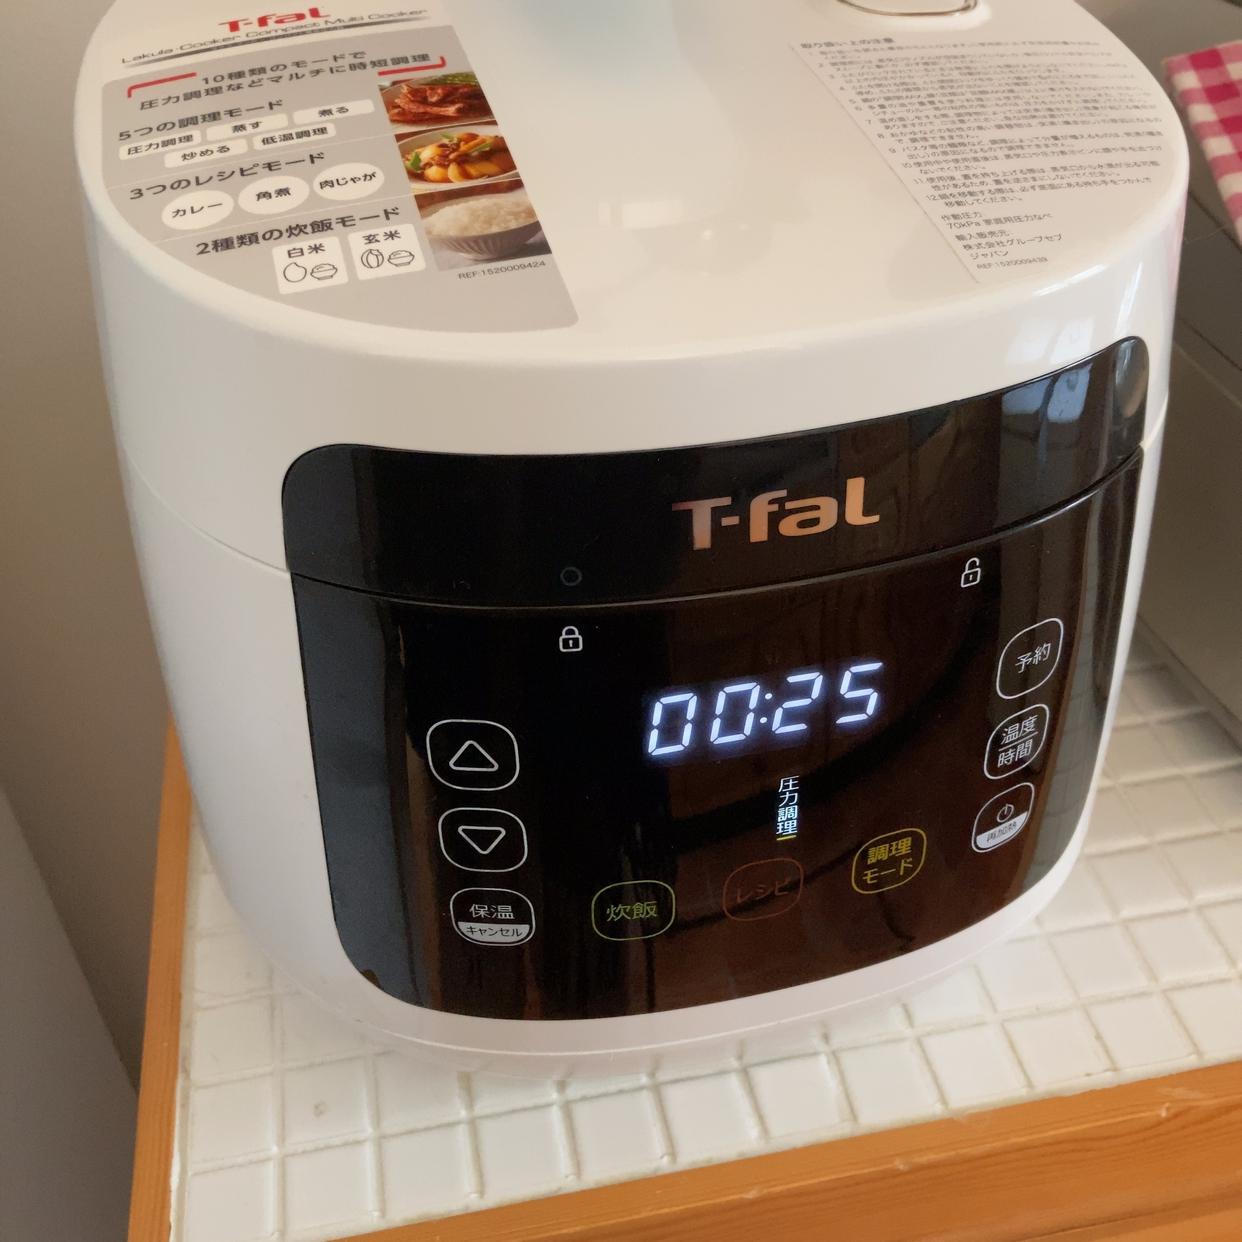 T-fal(ティファール)ラクラ・クッカー コンパクト電気圧力鍋 CY3501JPを使ったもりもりさんのクチコミ画像1